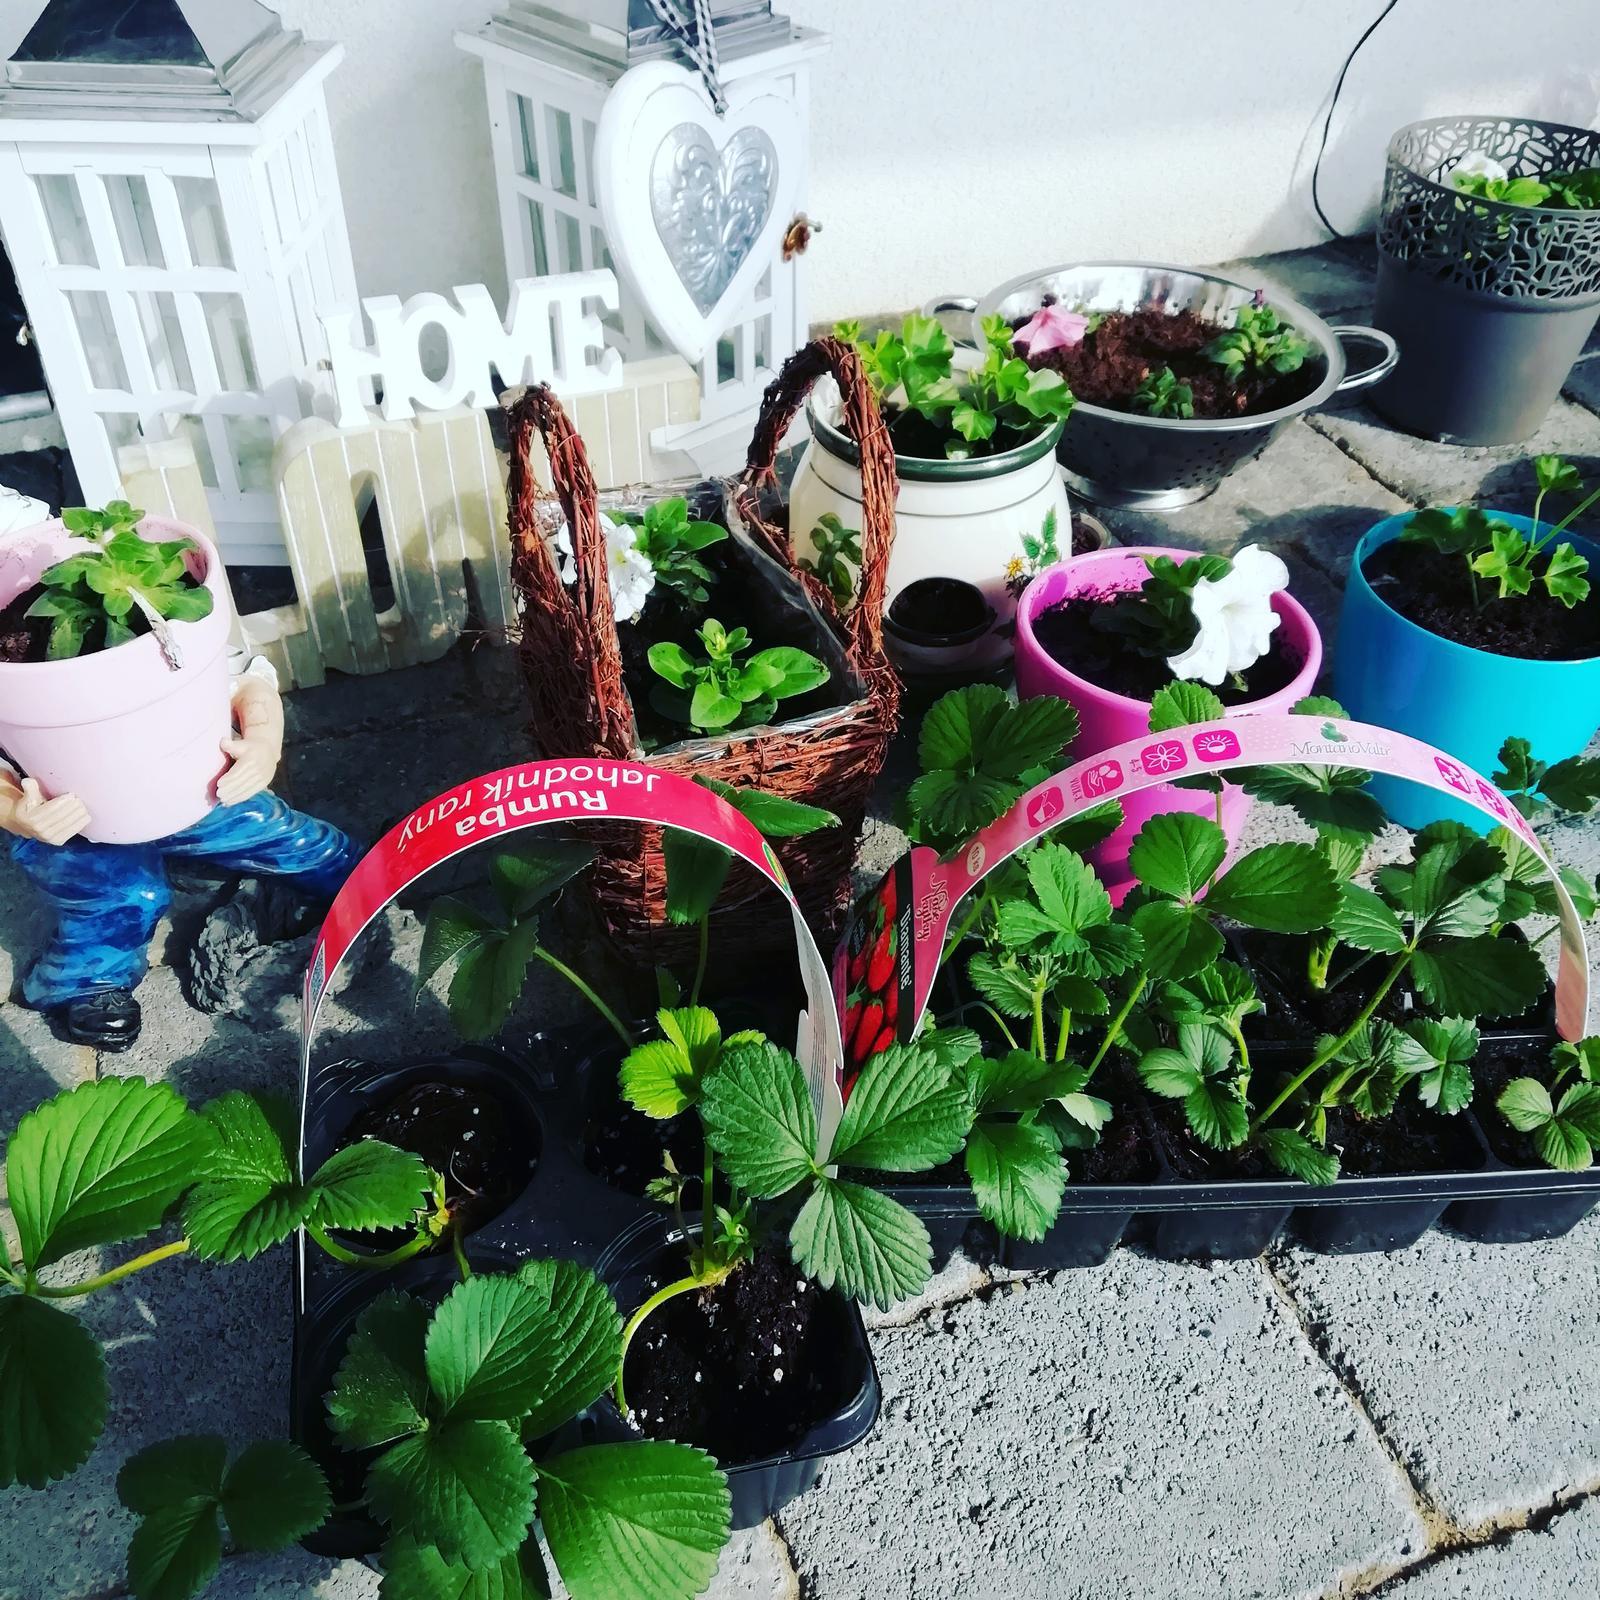 Záhradka 2019/20 bývame 4 a 5 rok :-) - Dnes sadím jahody 5.4.